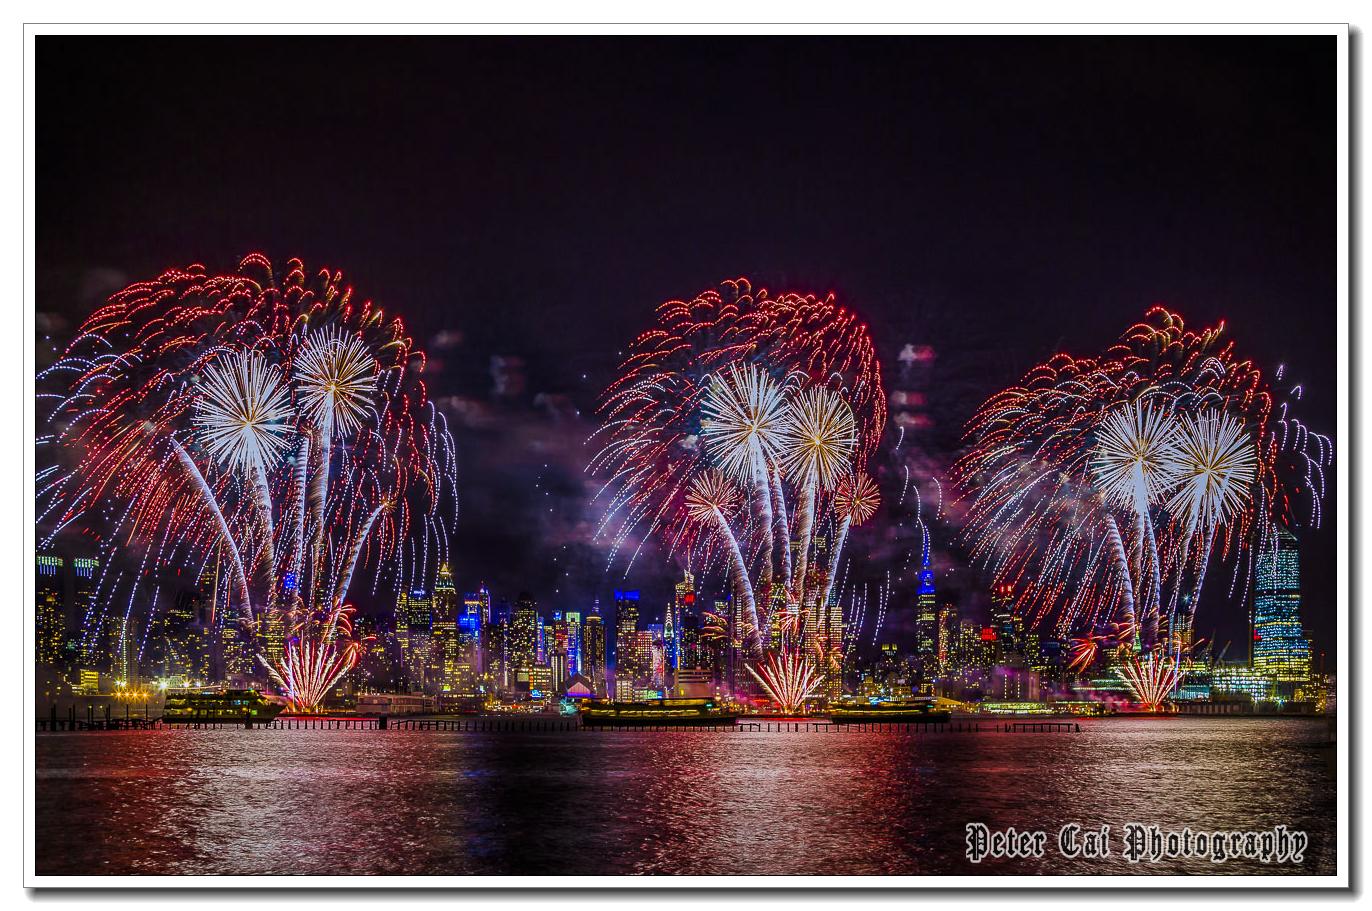 昨晚纽约施放焰火来庆祝中国猴年_图1-7